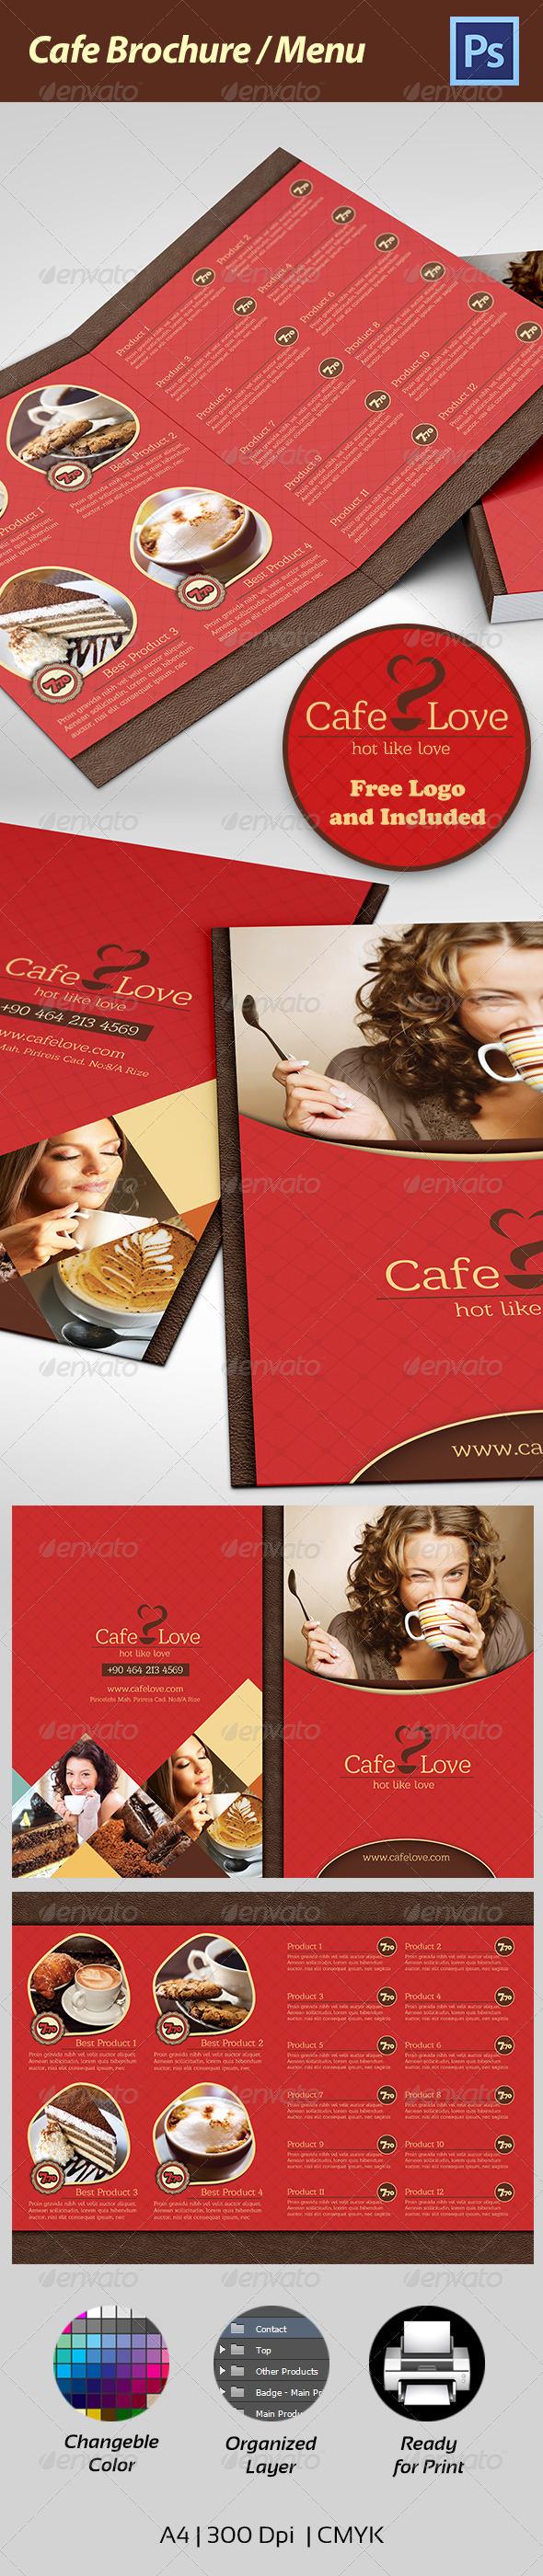 Coffee Brochure - Menu - Corporate Brochures